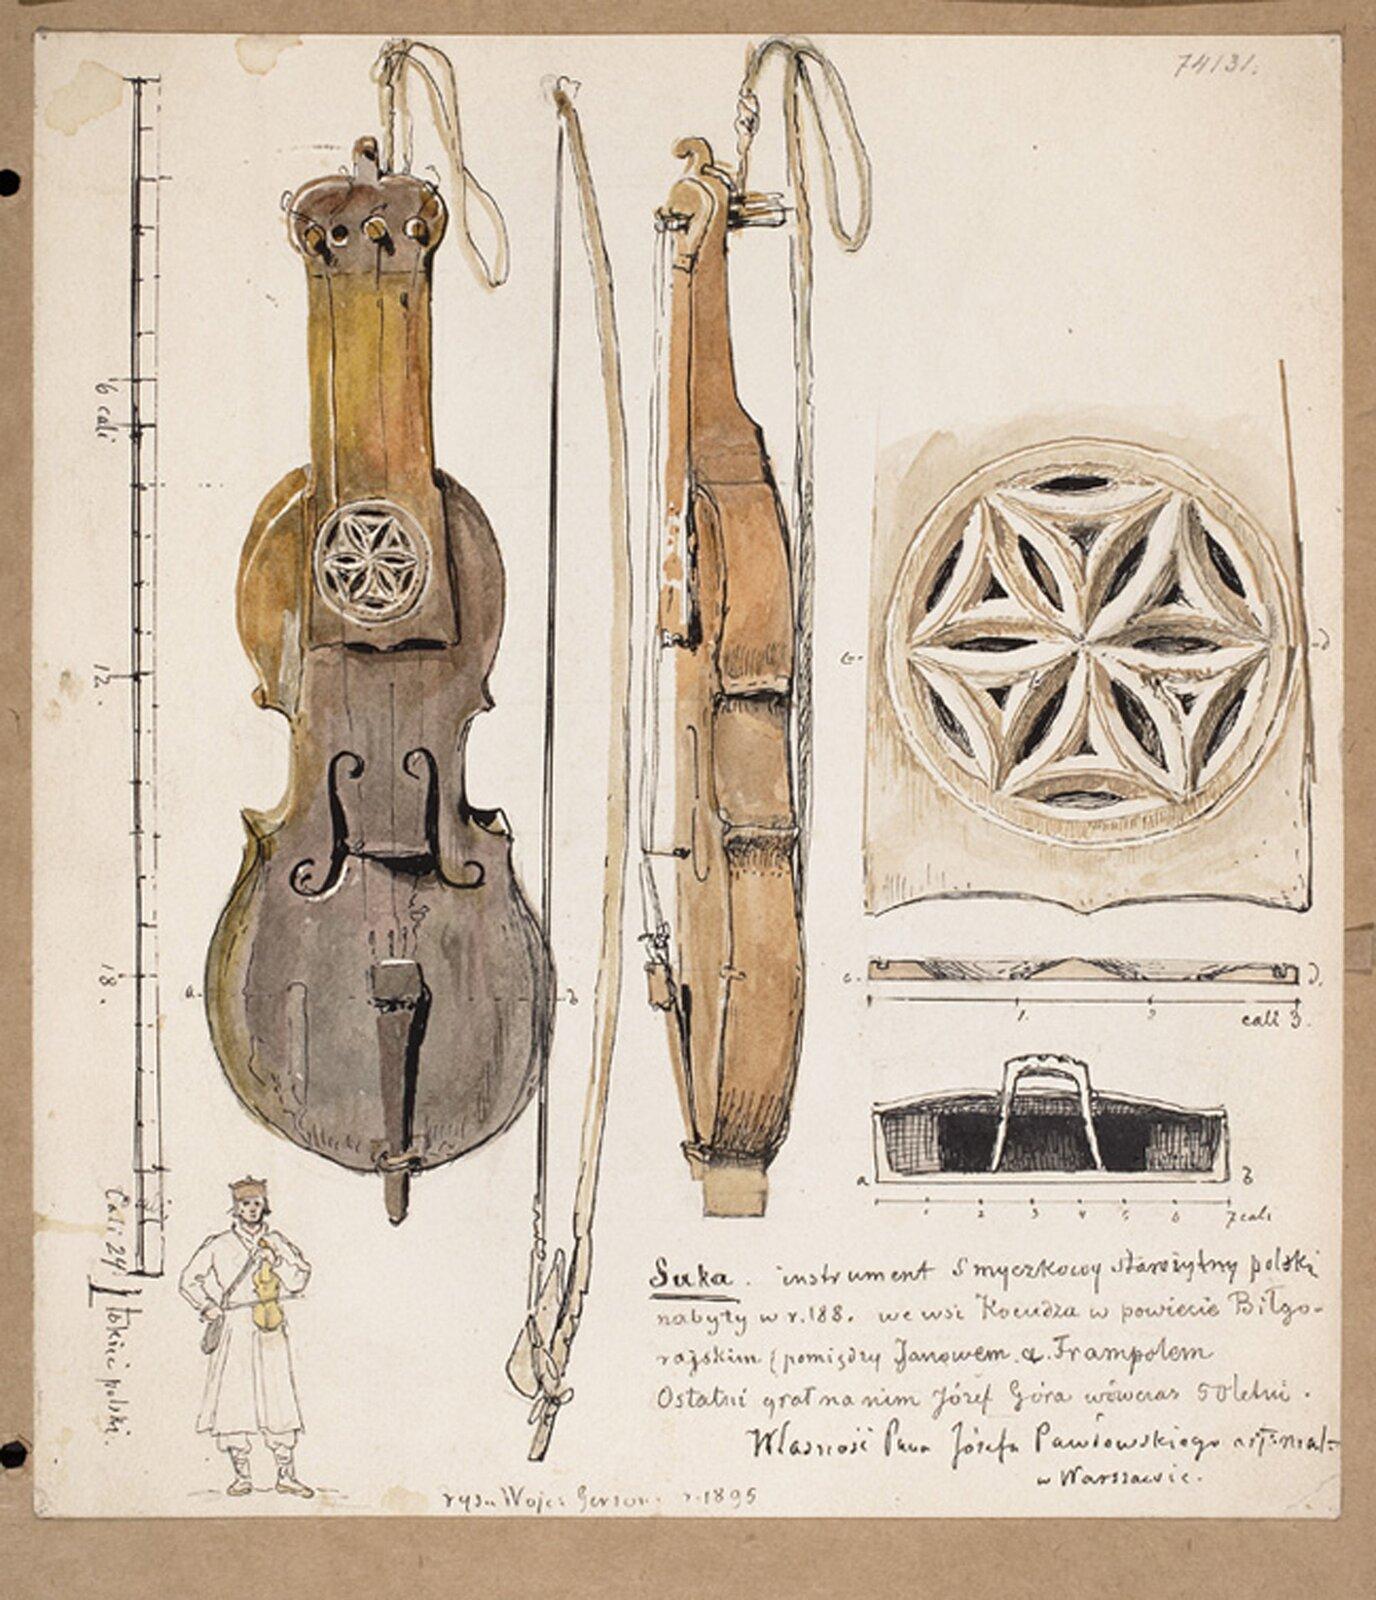 Ilustracja przedstawia akwarele ukazującą Sukę biłgorajską, autorstwa Wojciecha Gersona.  Staropolski smyczkowy instrument przyozdobiony jest ornamentem geometrycznym wformie rozety sześcioramiennej (tzw. gwiazda heksapentalna).